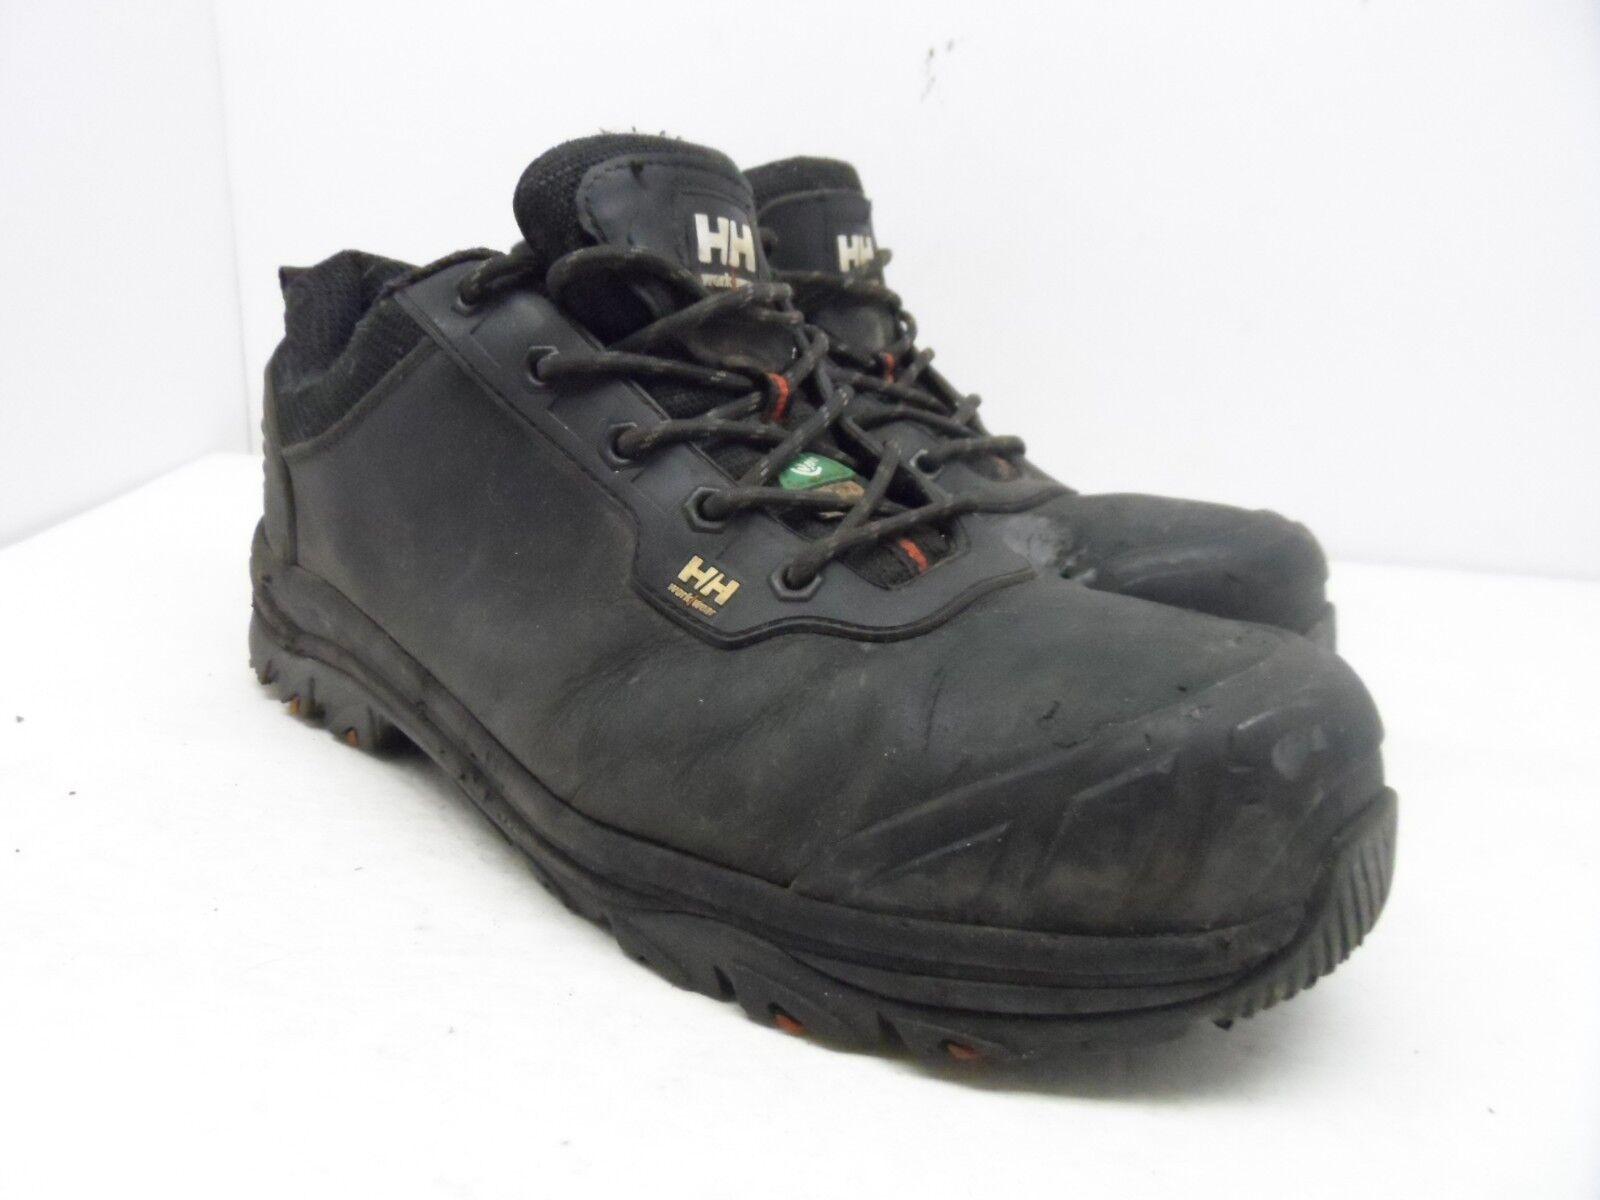 HELLY HANSEN Men's Low Composite Toe Composite Plate Low Men's Cut Work Shoes Black 11M a75373